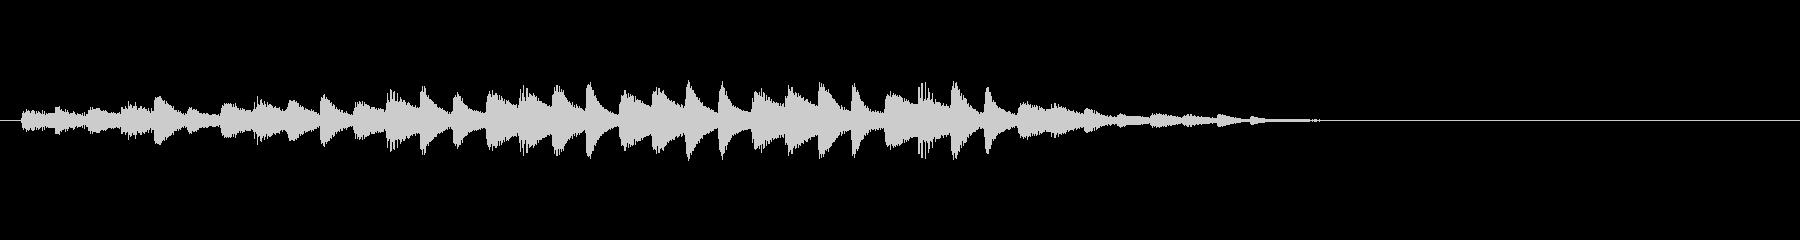 テーマ4:ピアノの未再生の波形